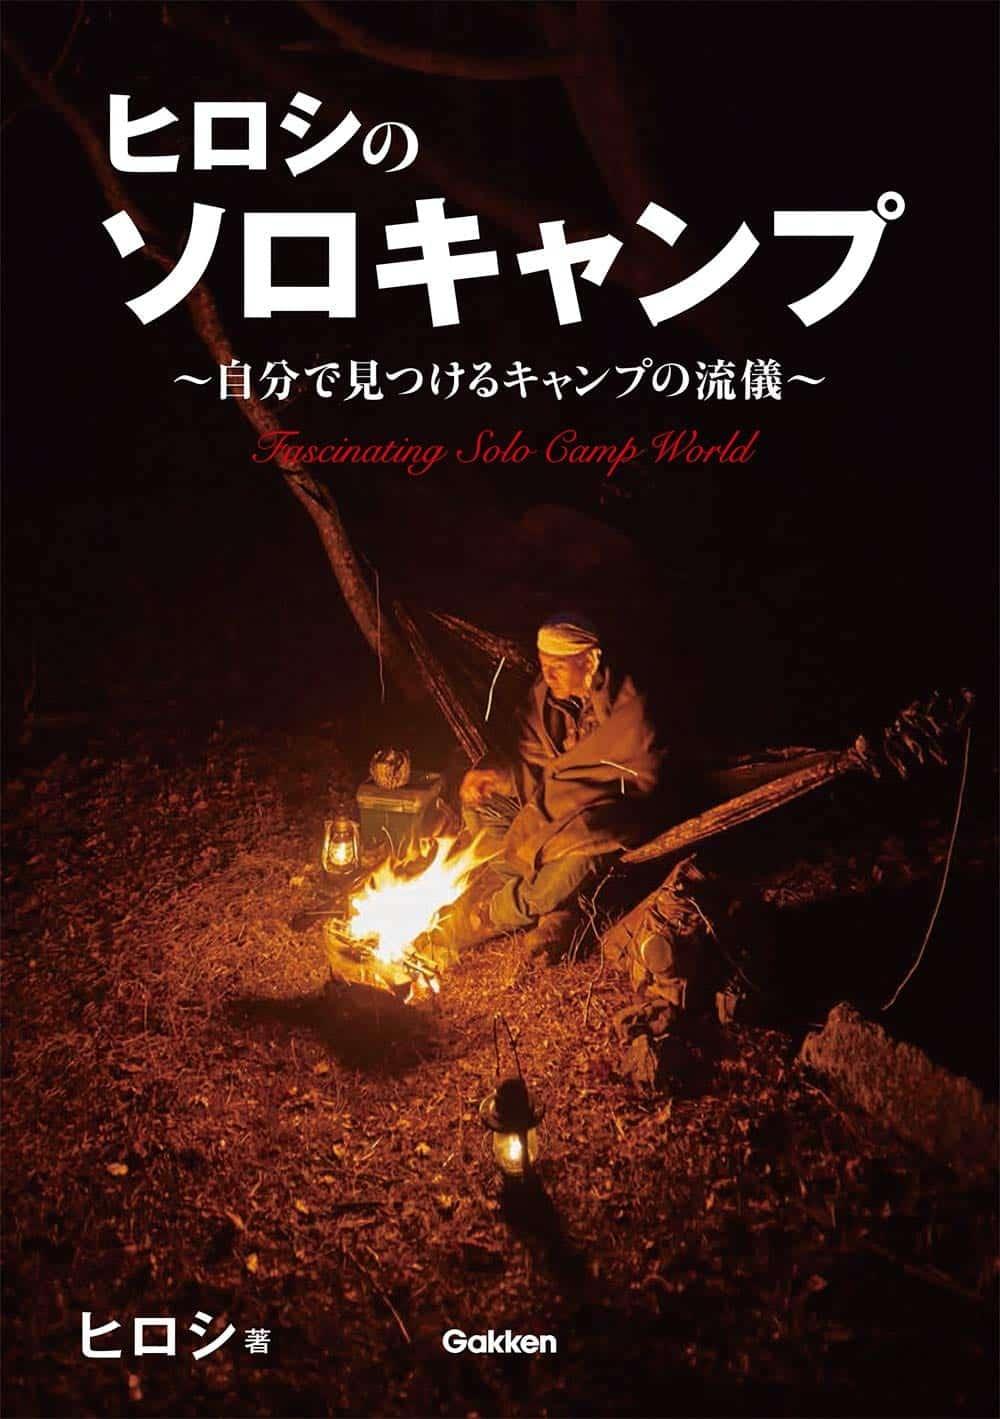 【話題のキャンプ本】ついにヒロシのキャンプ本が発売!『ヒロシのソロキャンプ~自分で見つけるキャンプの流儀~』